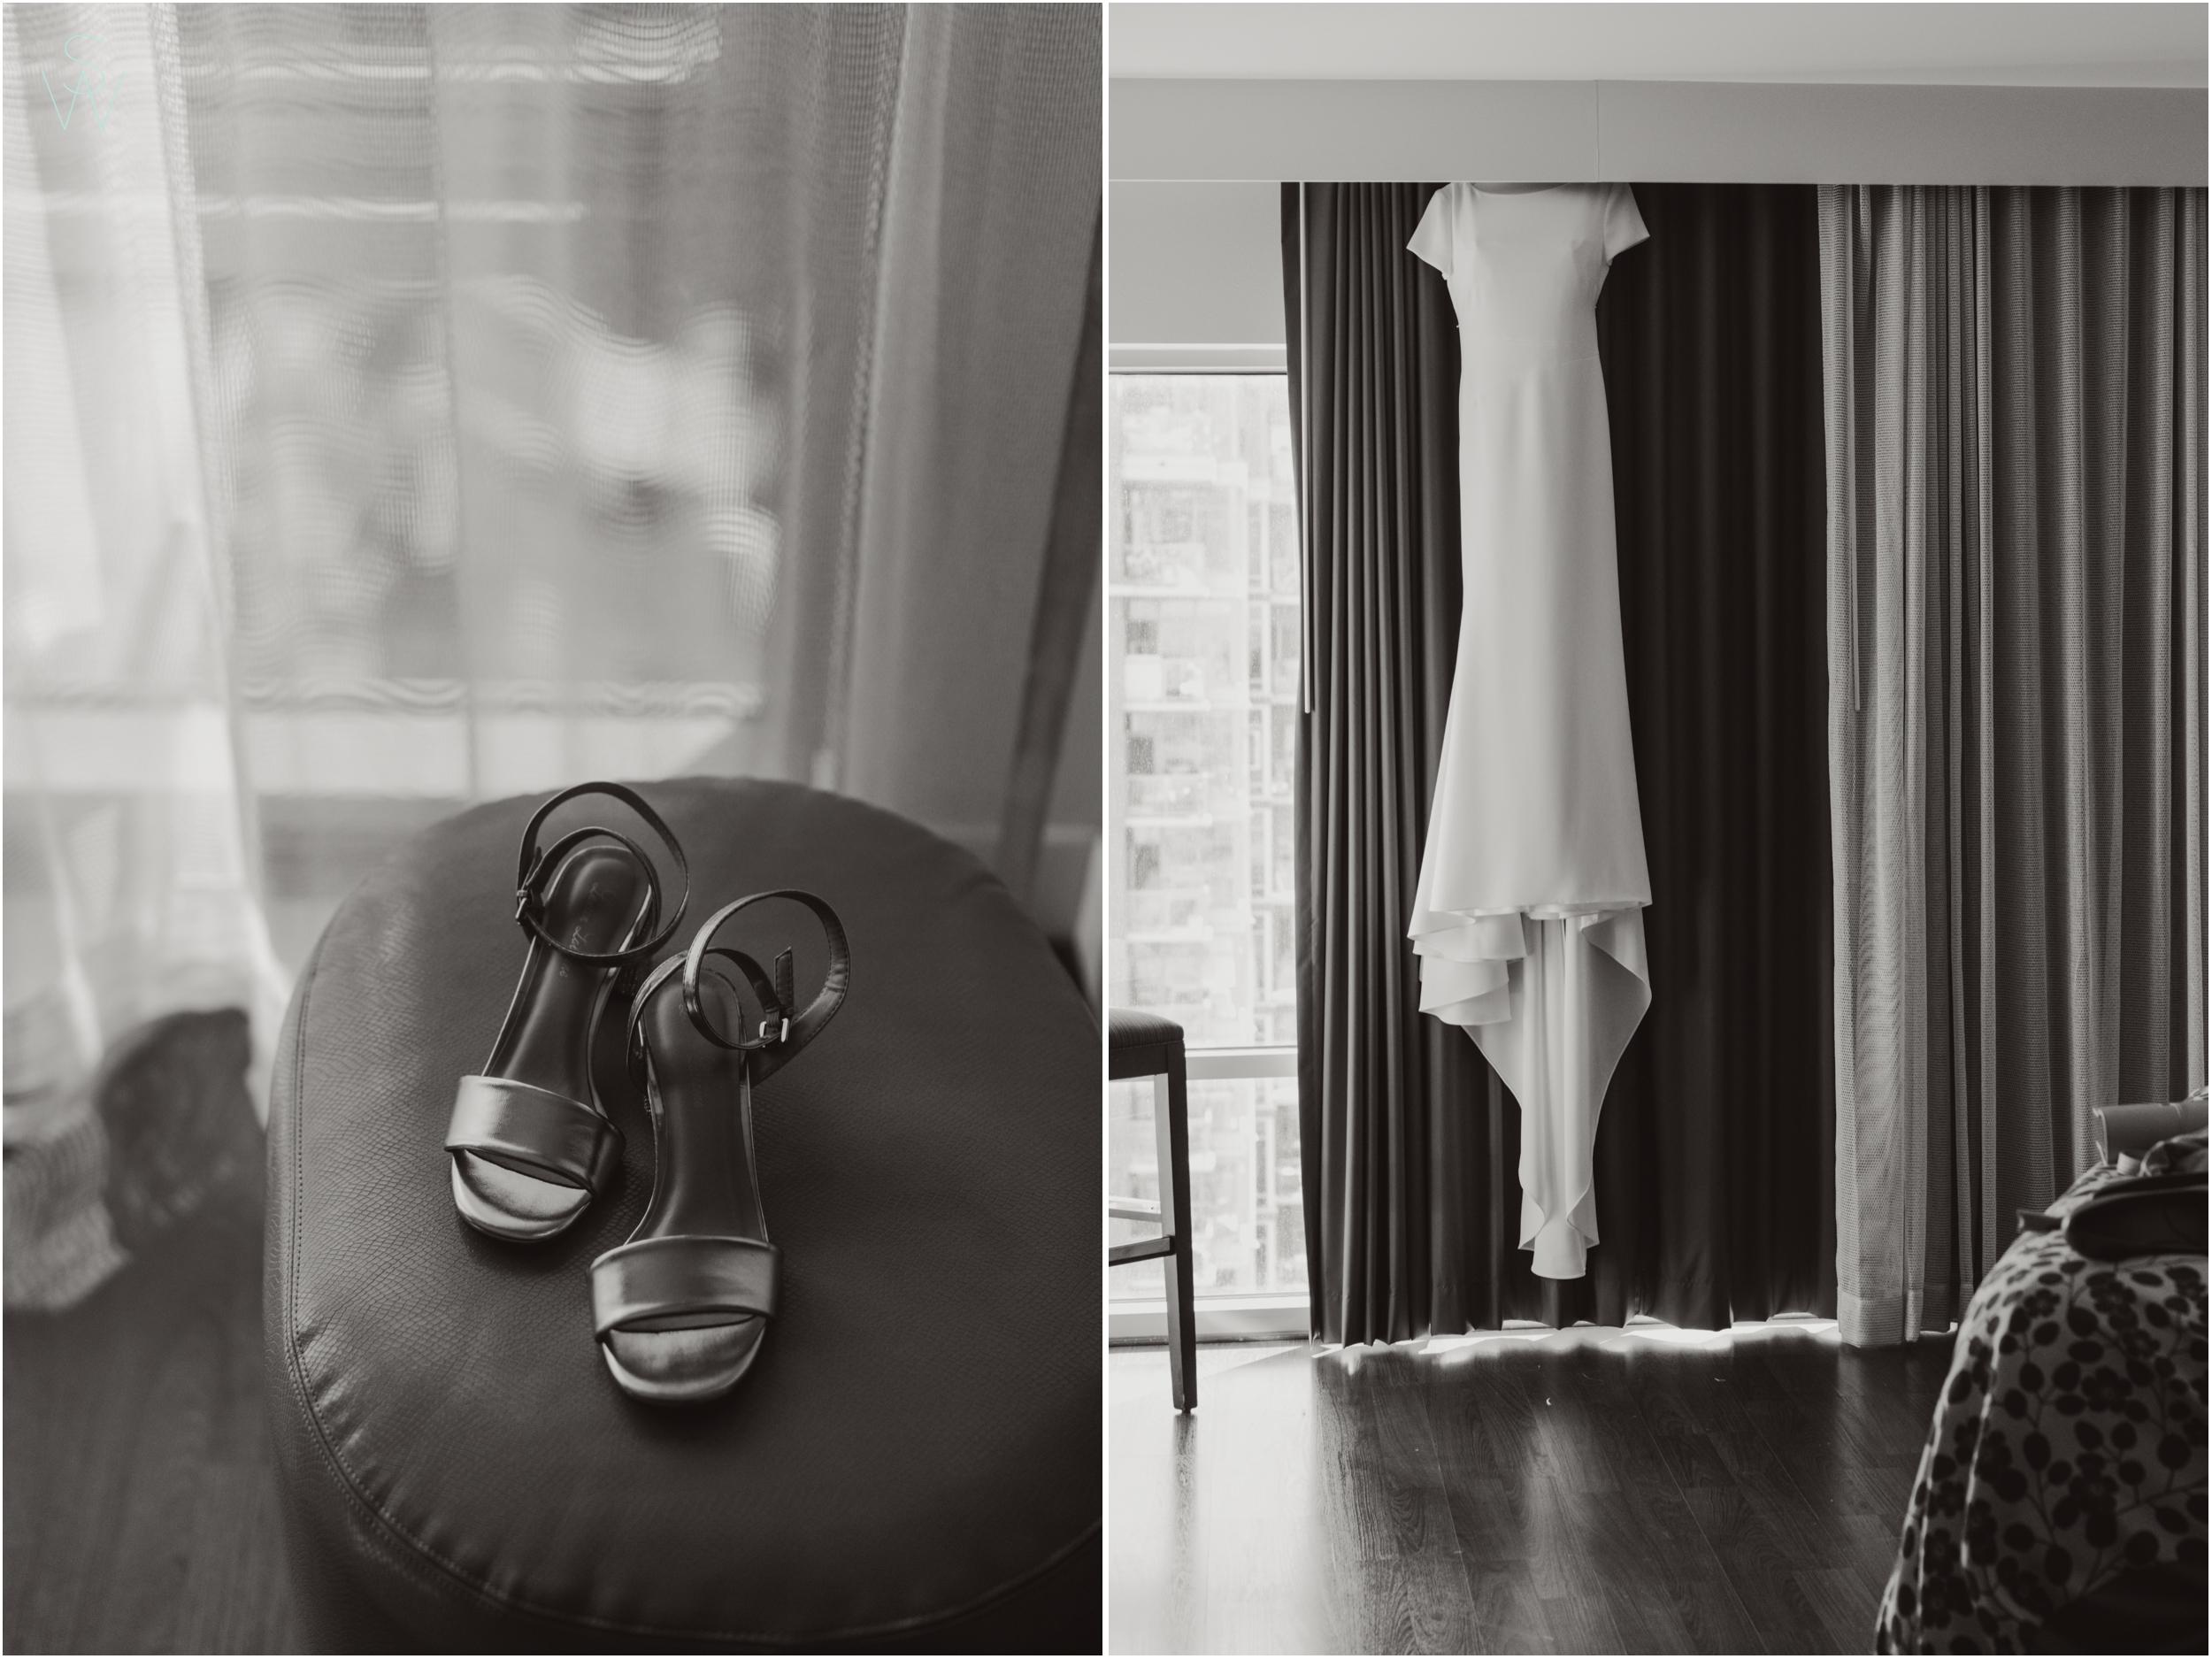 106THE.UNDERGROUND.ELEPHANT.wedding.photography.shewanders.JPG